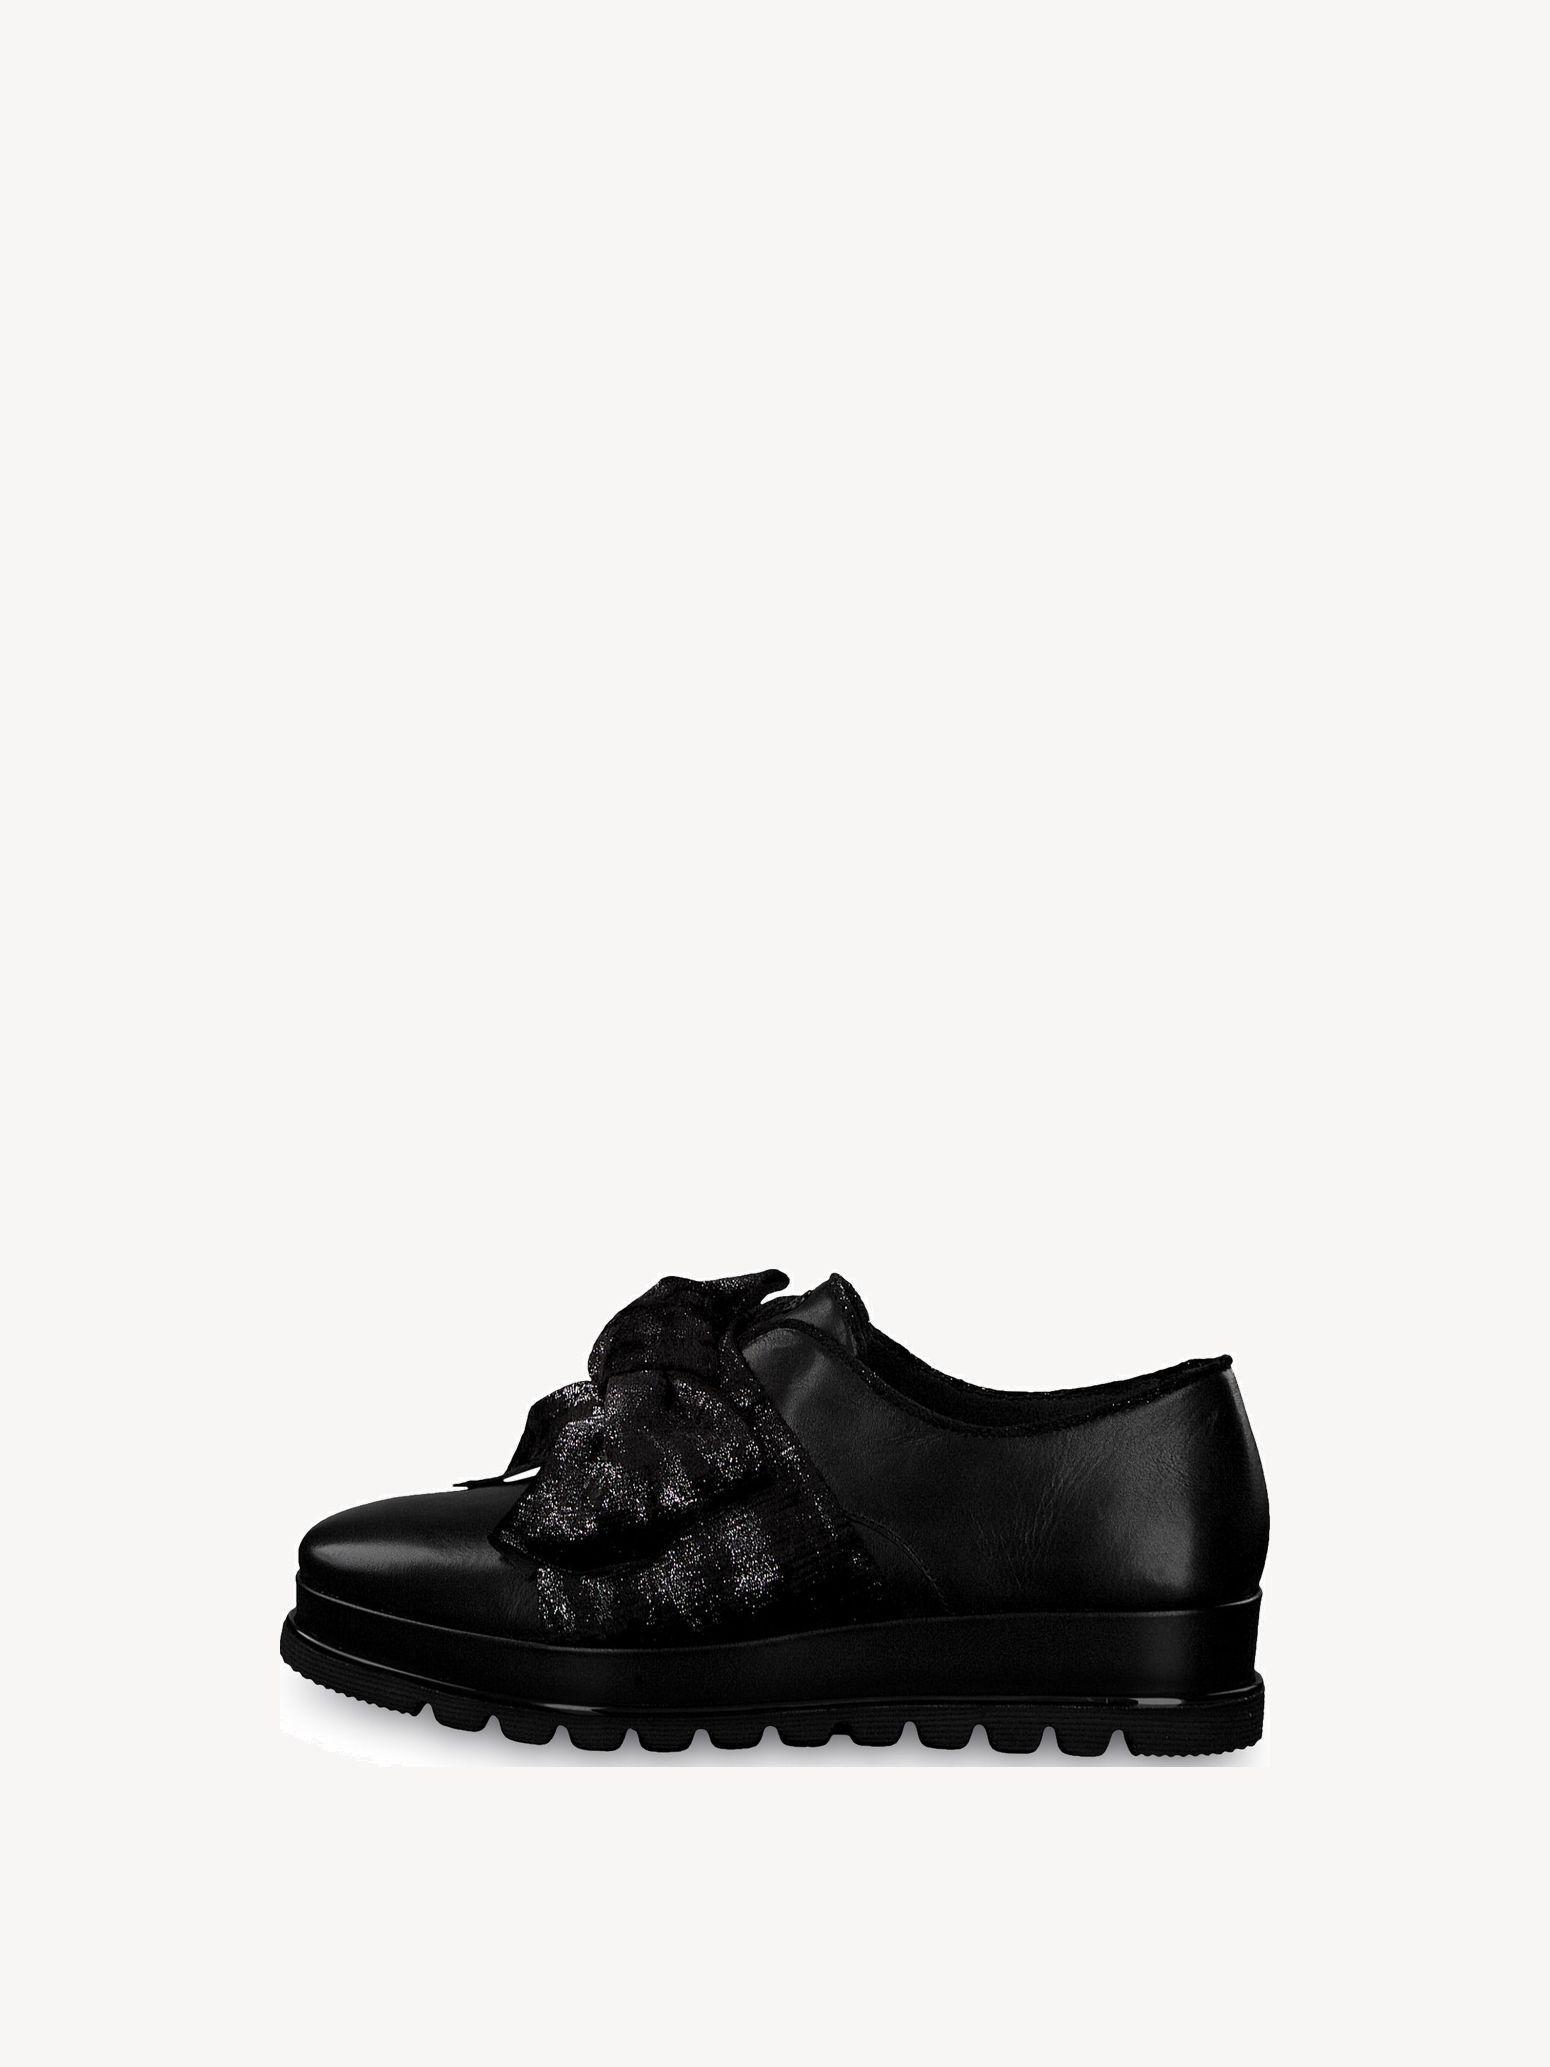 2b235b1f9181e Vivienne 1-1-24700-31   Achetez en ligne les Chaussures basses de ...